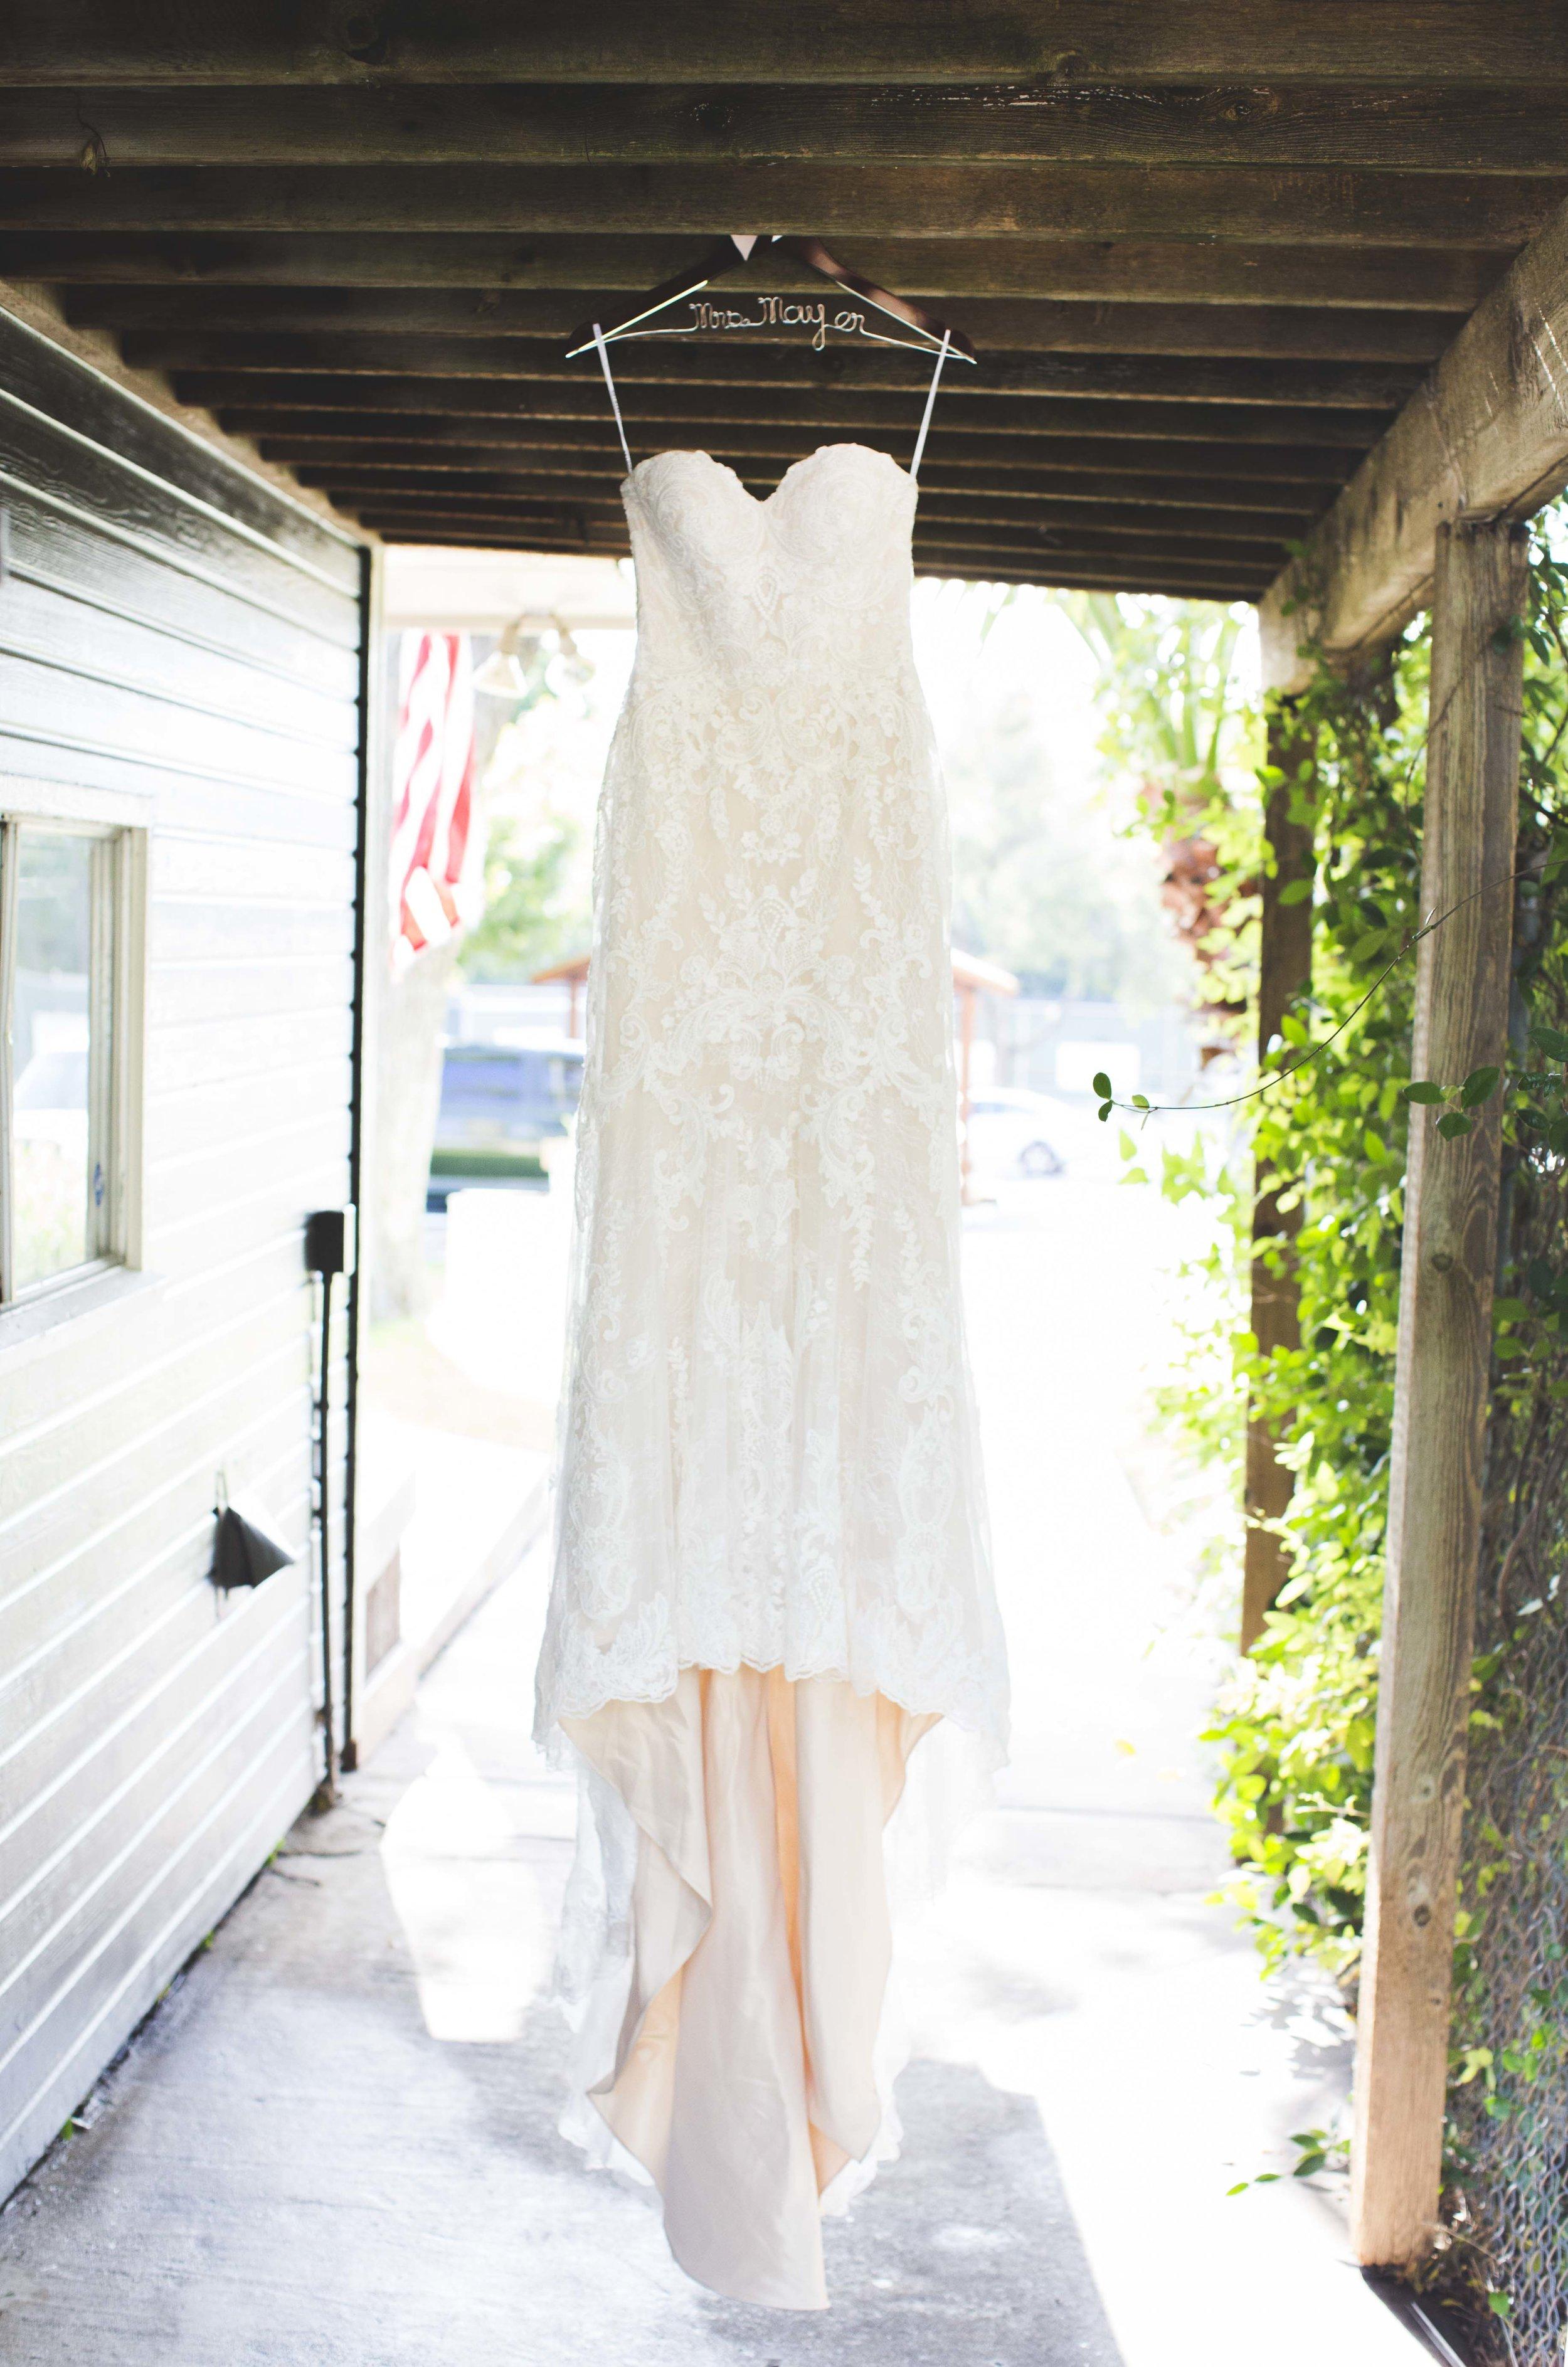 ATGI_Susanna & Matt Wedding_717A7107.jpg